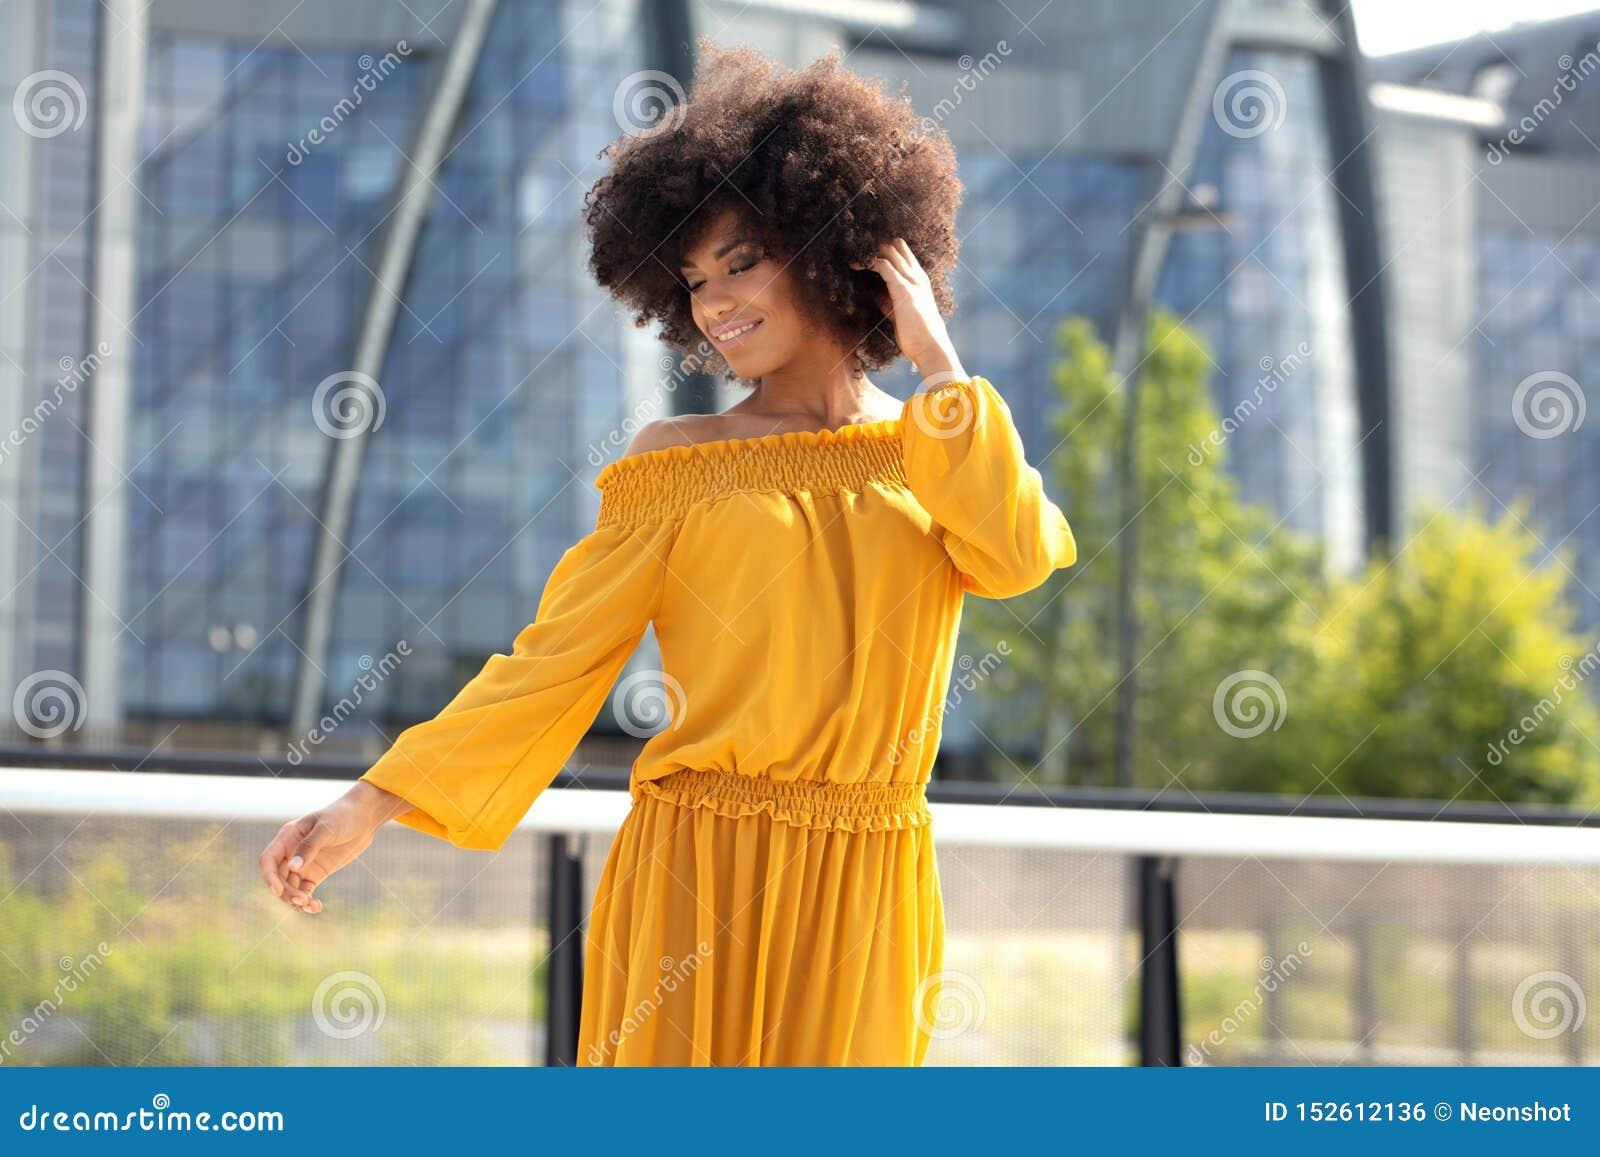 Retrato da menina afro na cidade